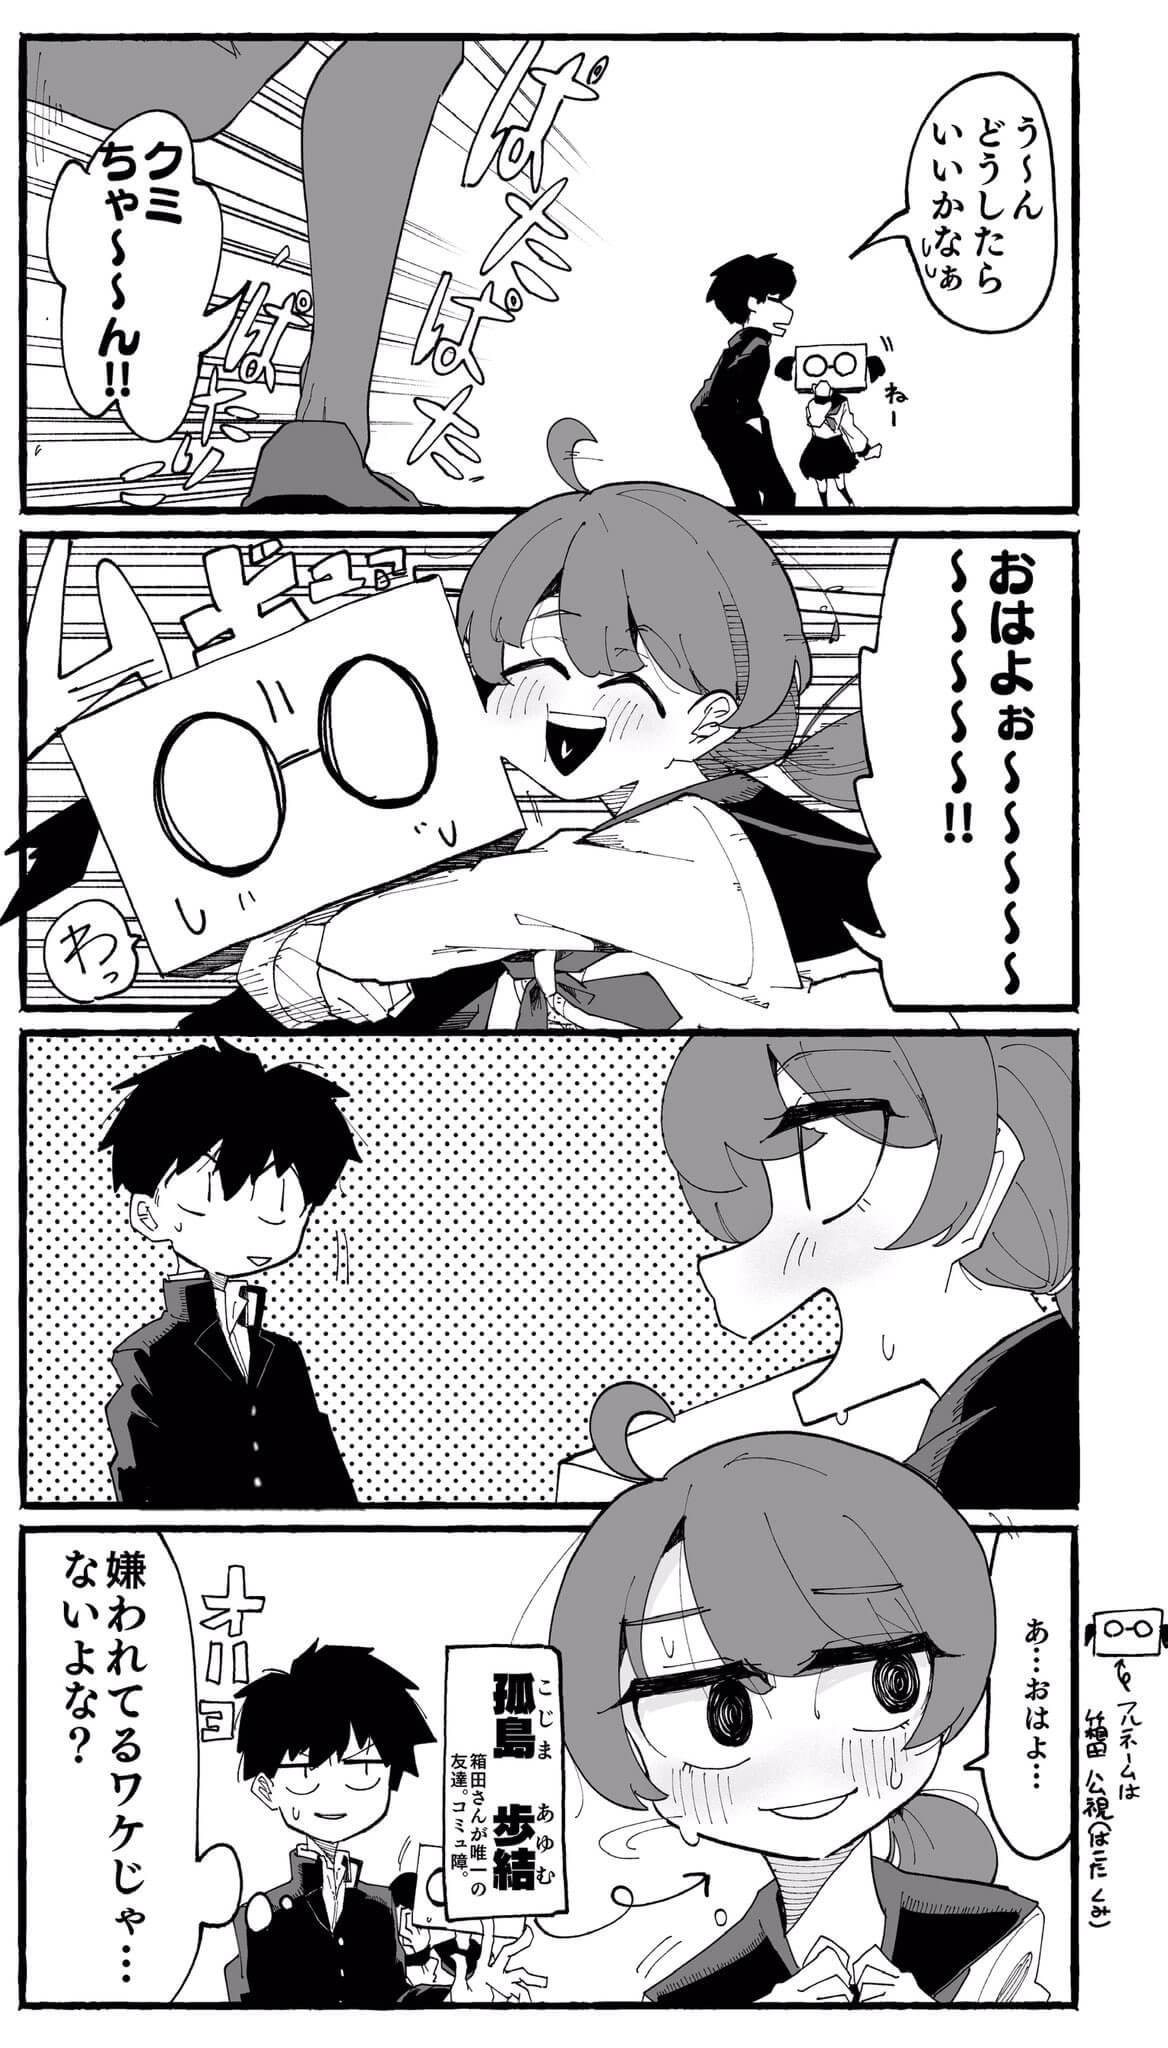 ハコ女子03